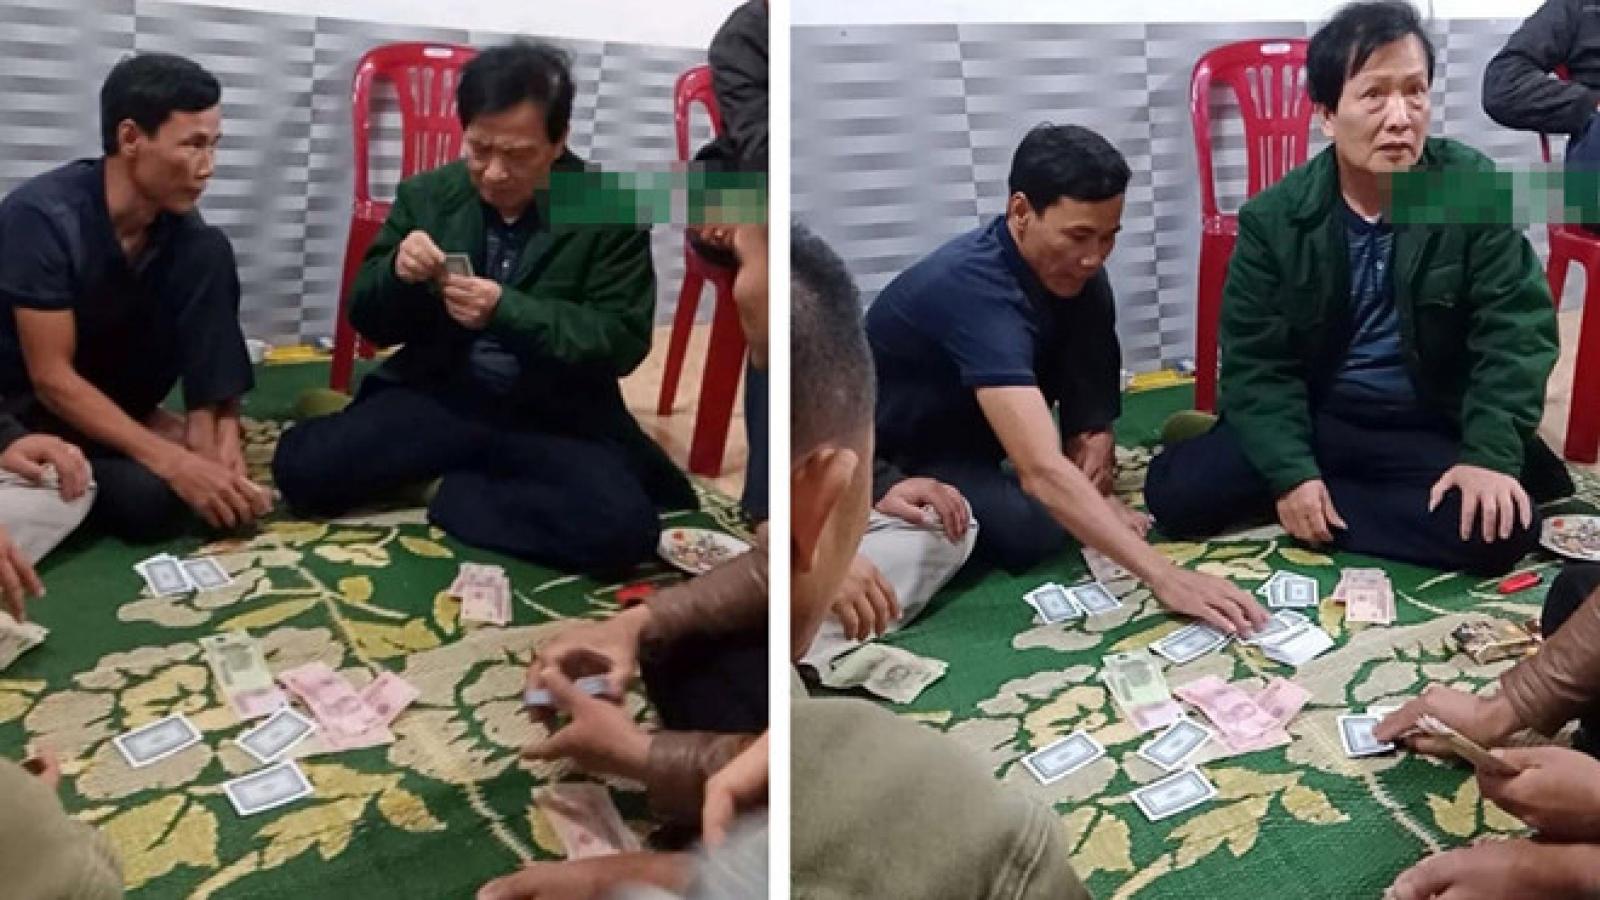 Cách chức Chủ tịch xã ở Hà Tĩnh tham gia đánh bạc